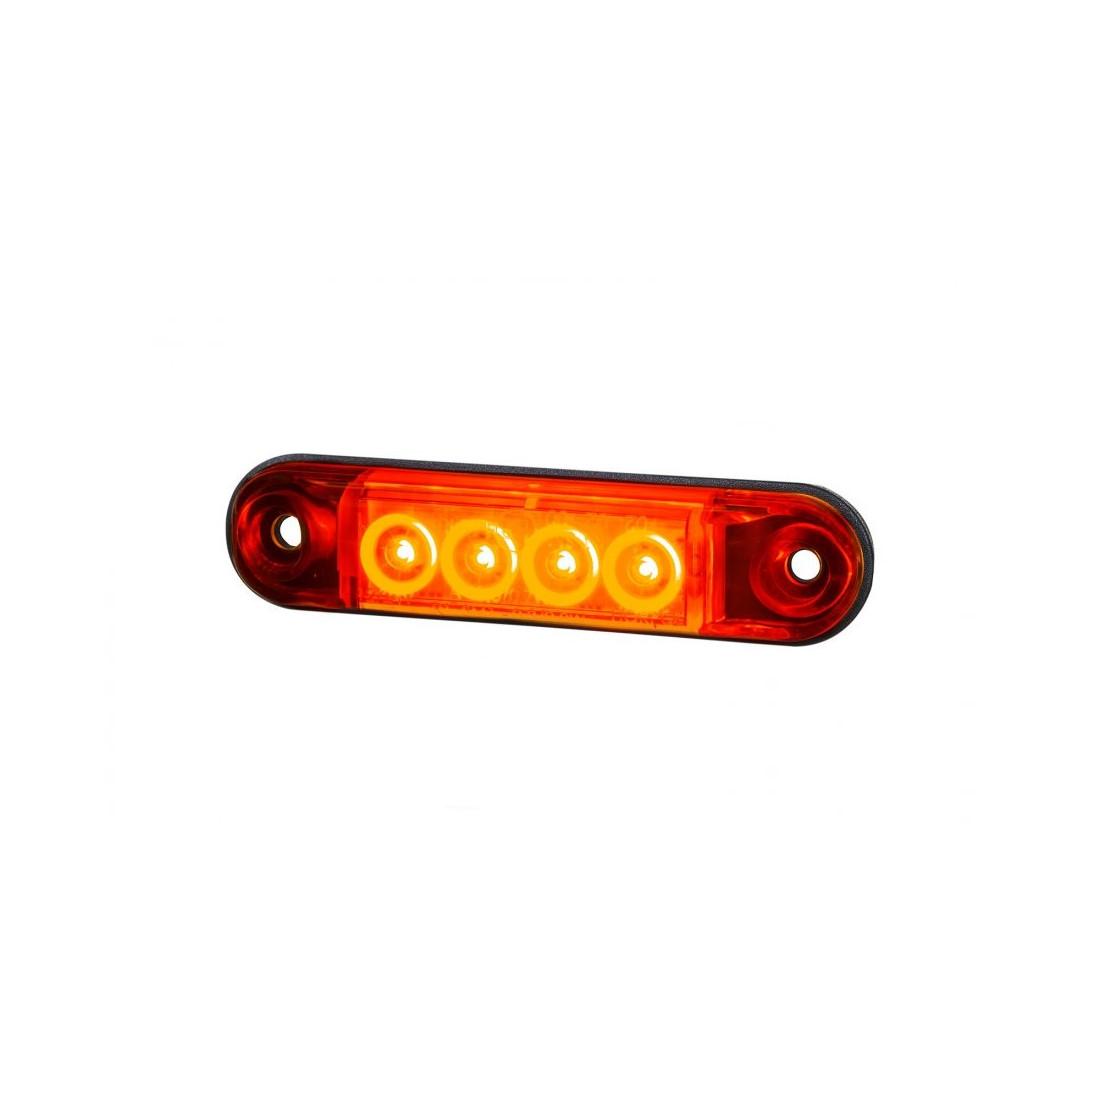 Marker light LED red SLIM